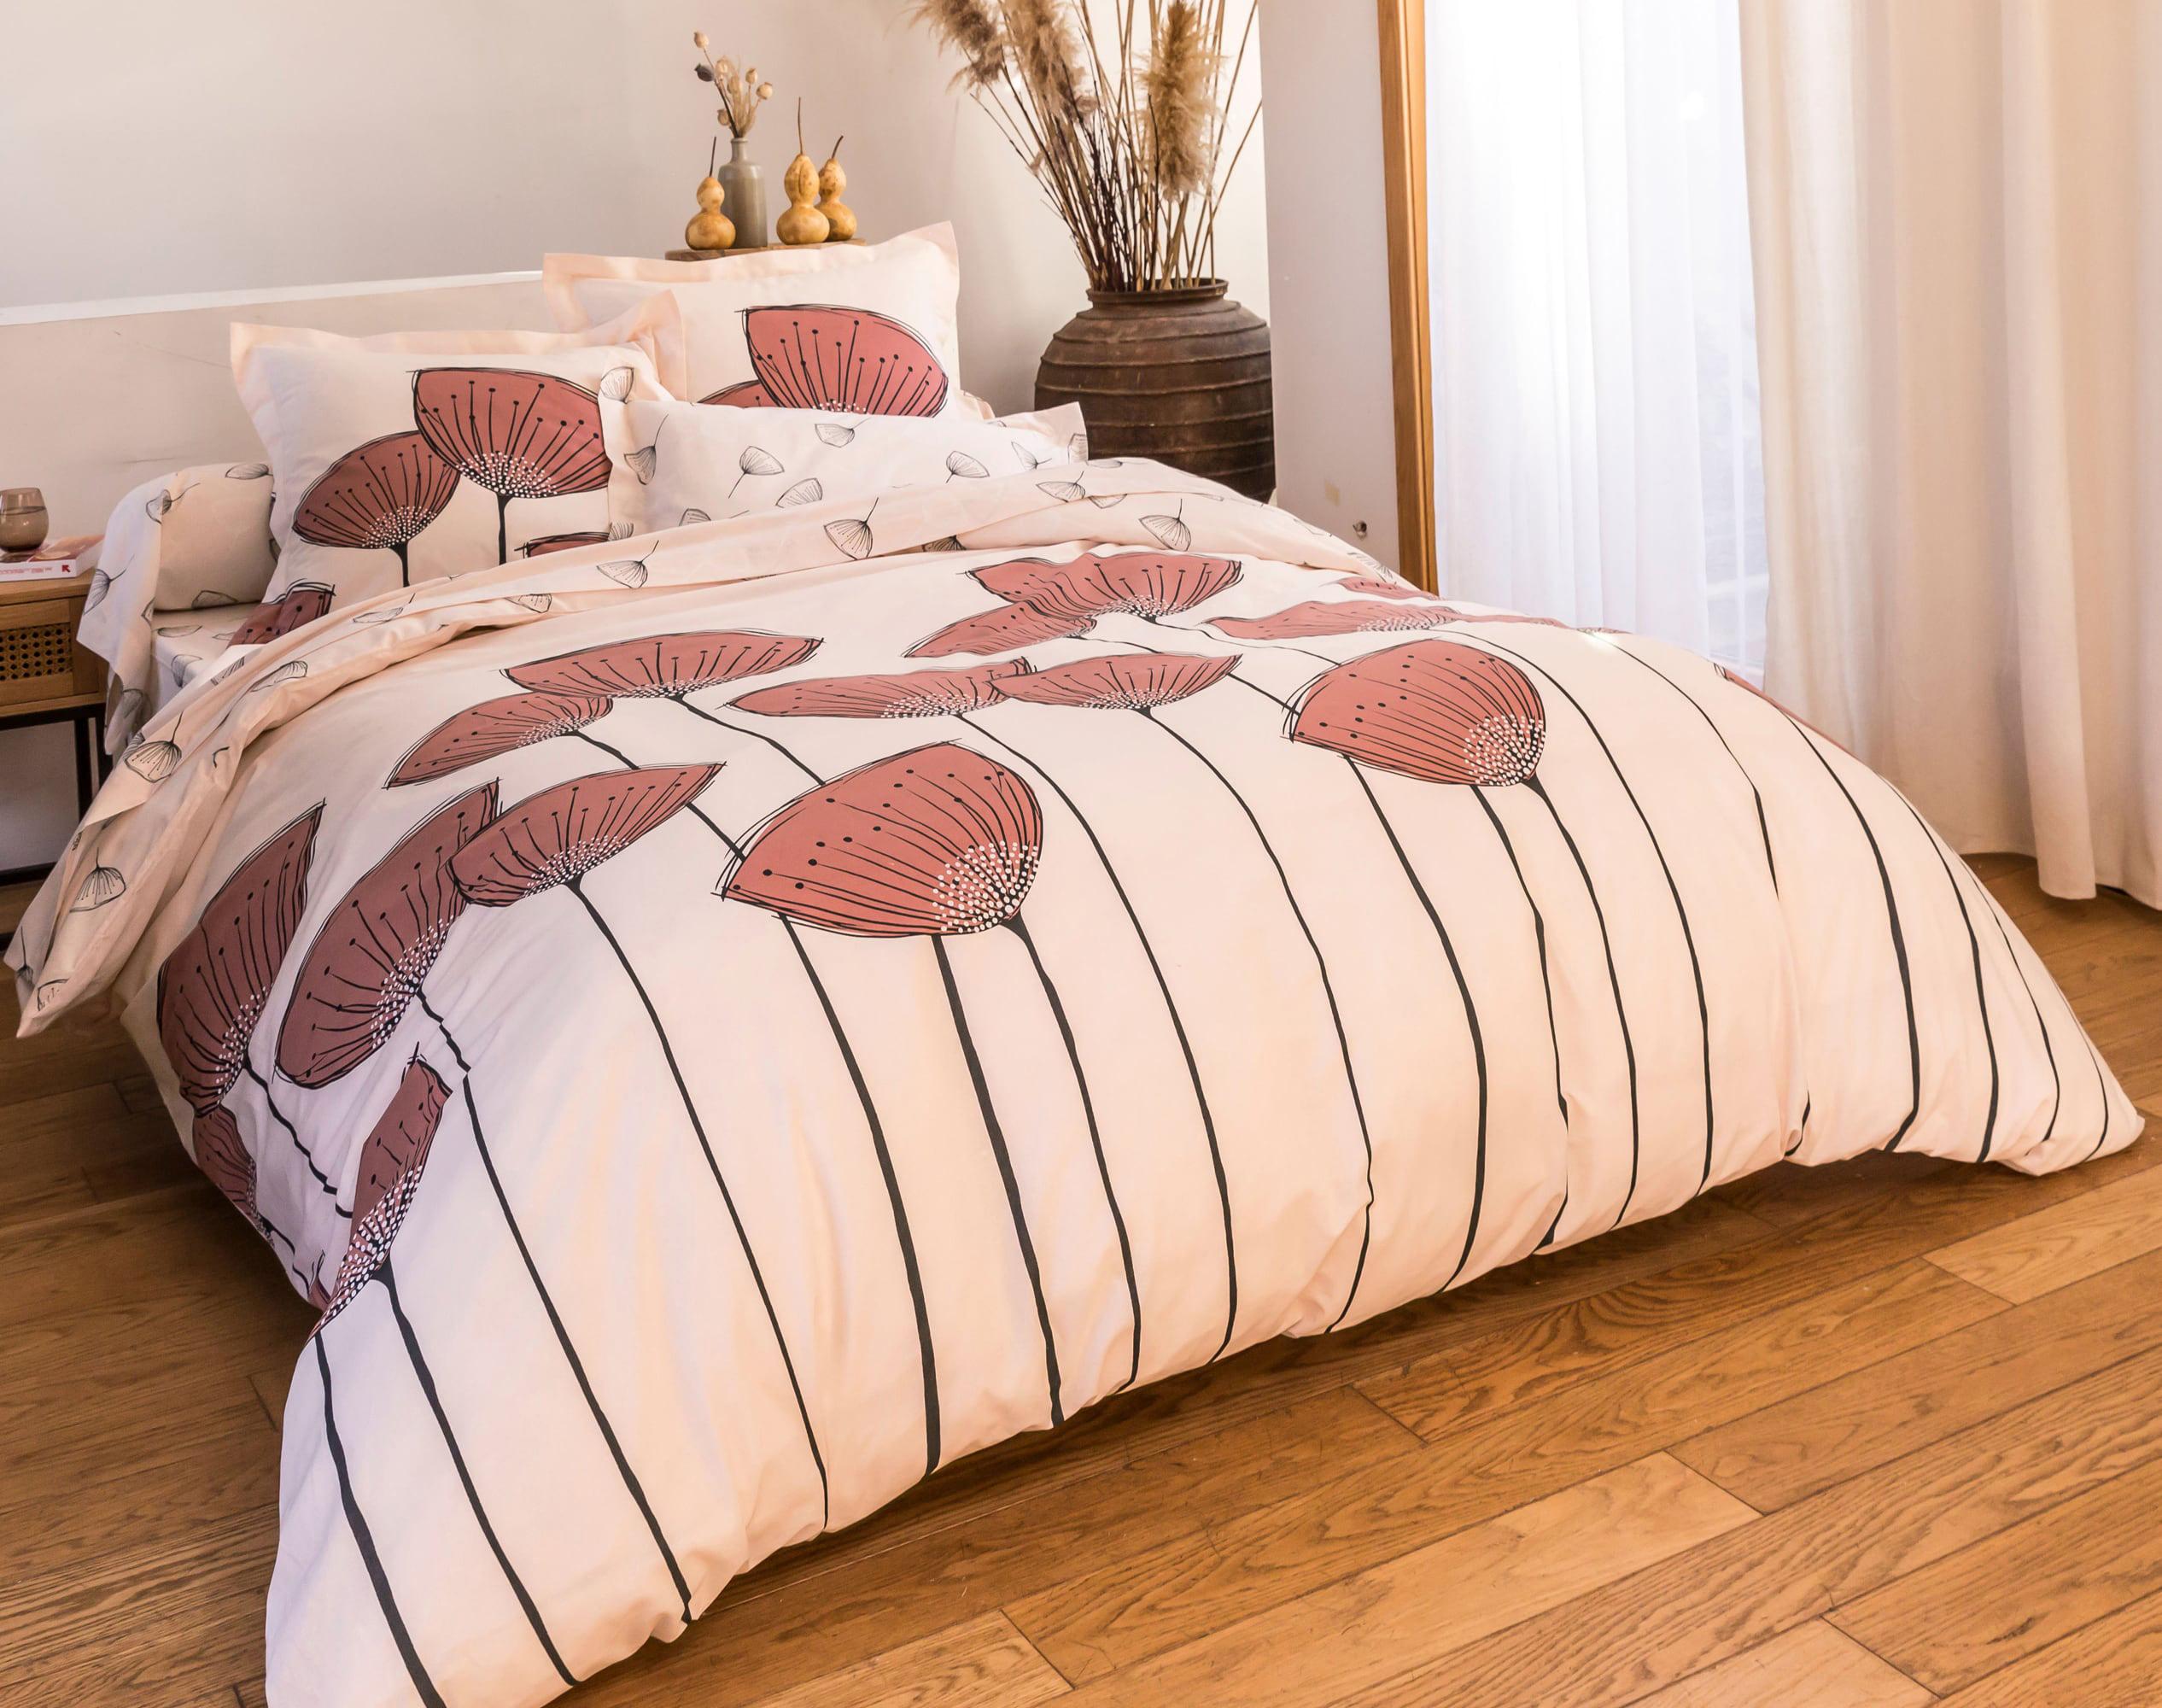 Housse de couette 140x200 en coton rose